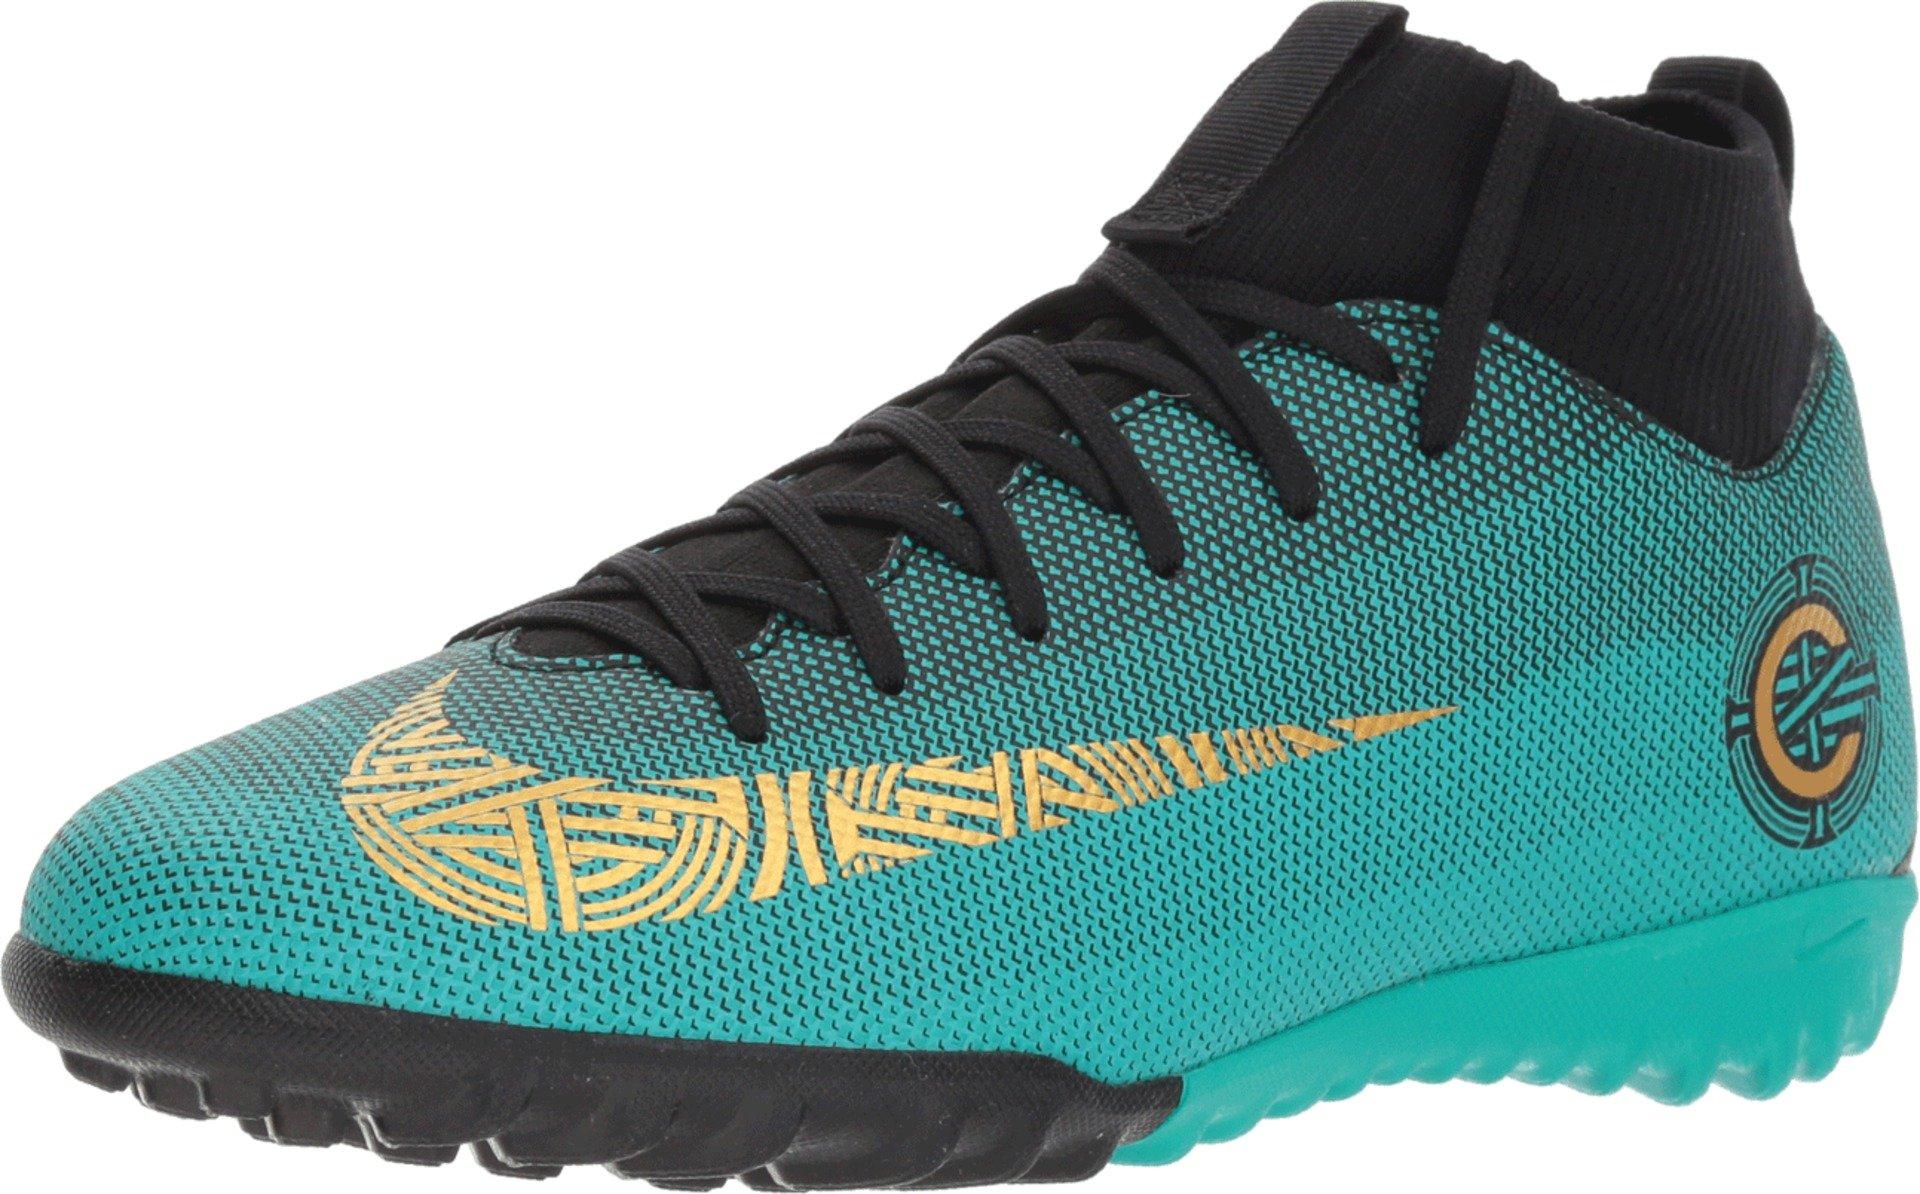 7efeeedd5108 Galleon - Nike JR SPEFLY 6 Academy GS CR7 TF Boys Soccer-Shoes  AJ3112-390 6Y - Clear Jade MTLC Vivid Gold-Black